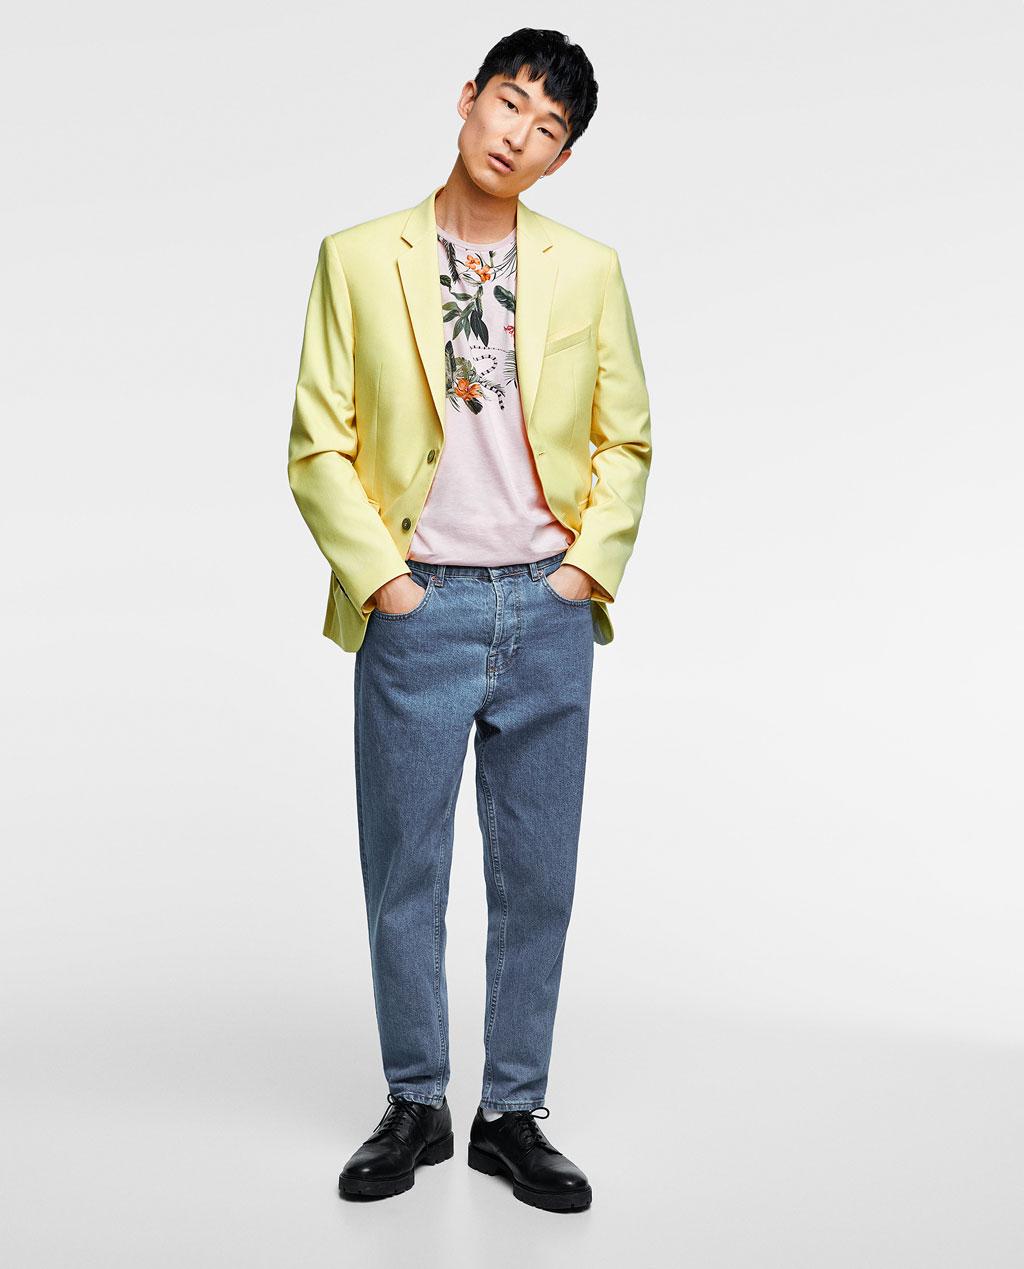 Thời trang nam Zara  23962 - ảnh 3